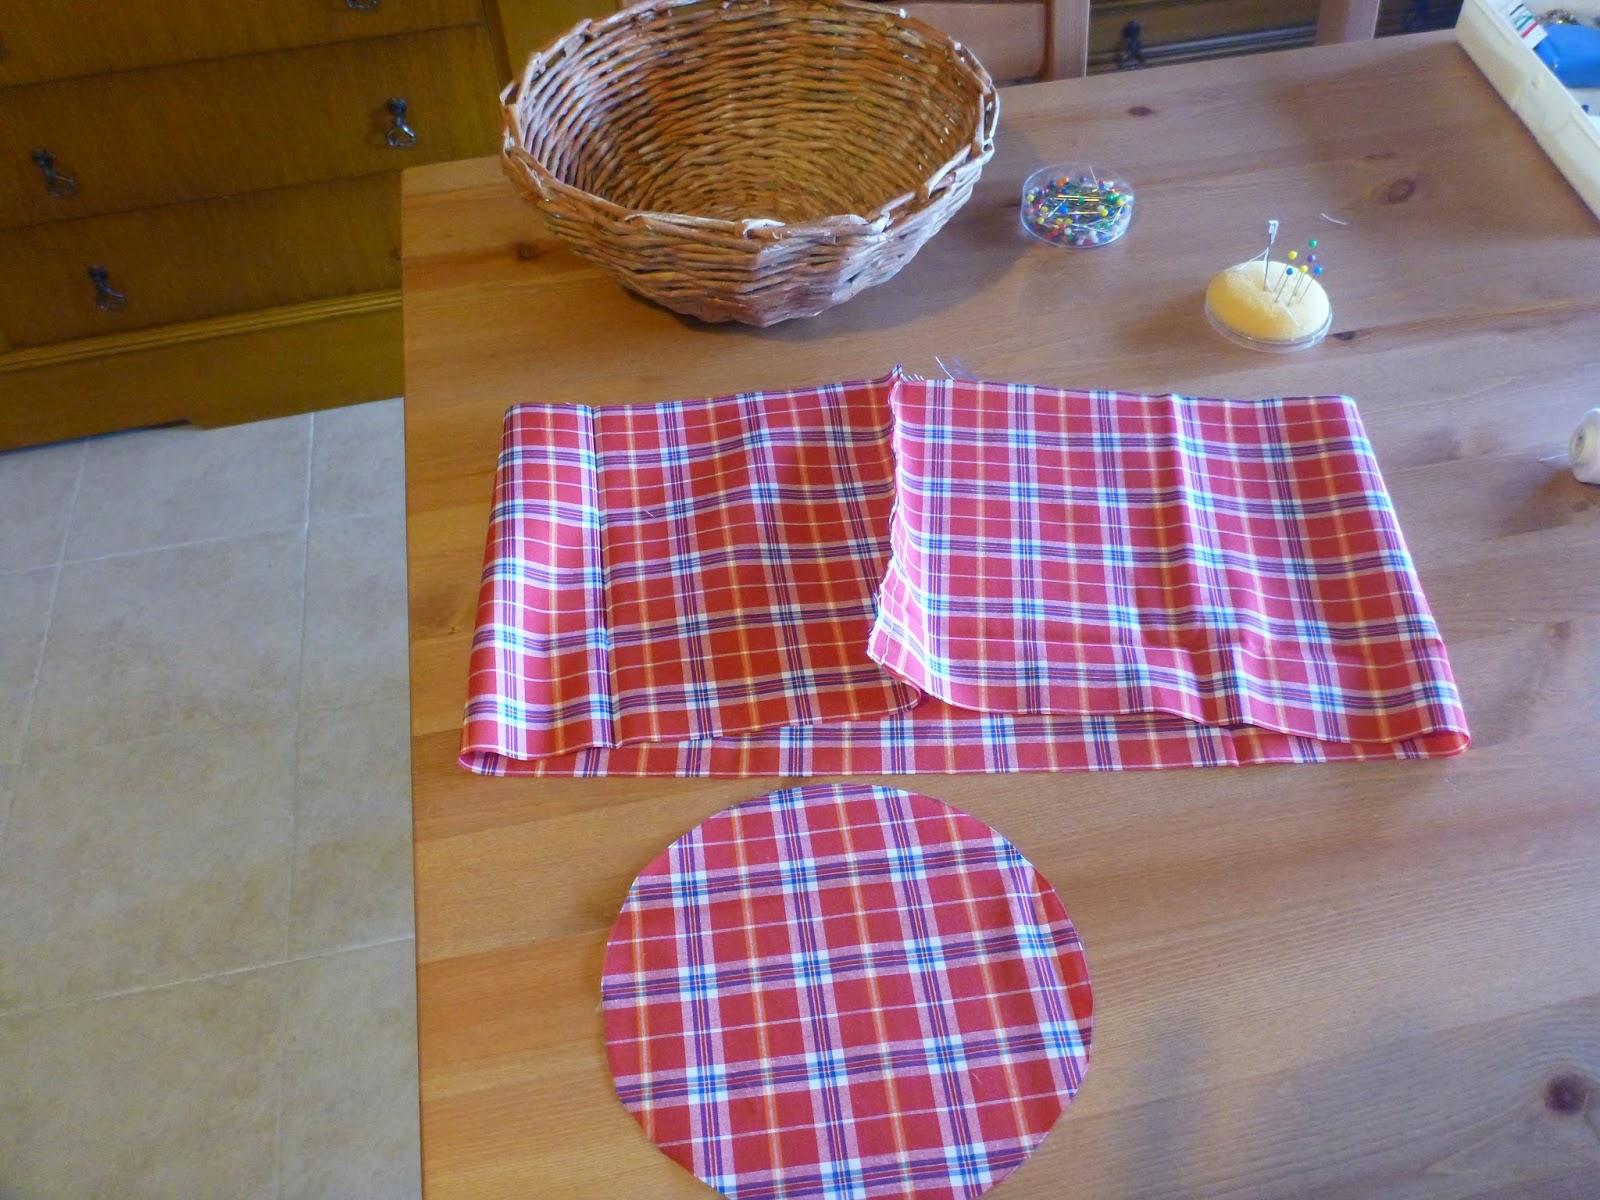 Cestini Da Lavoro Per Cucito gerry creations: tutorial. come fare una fodera in tessuto